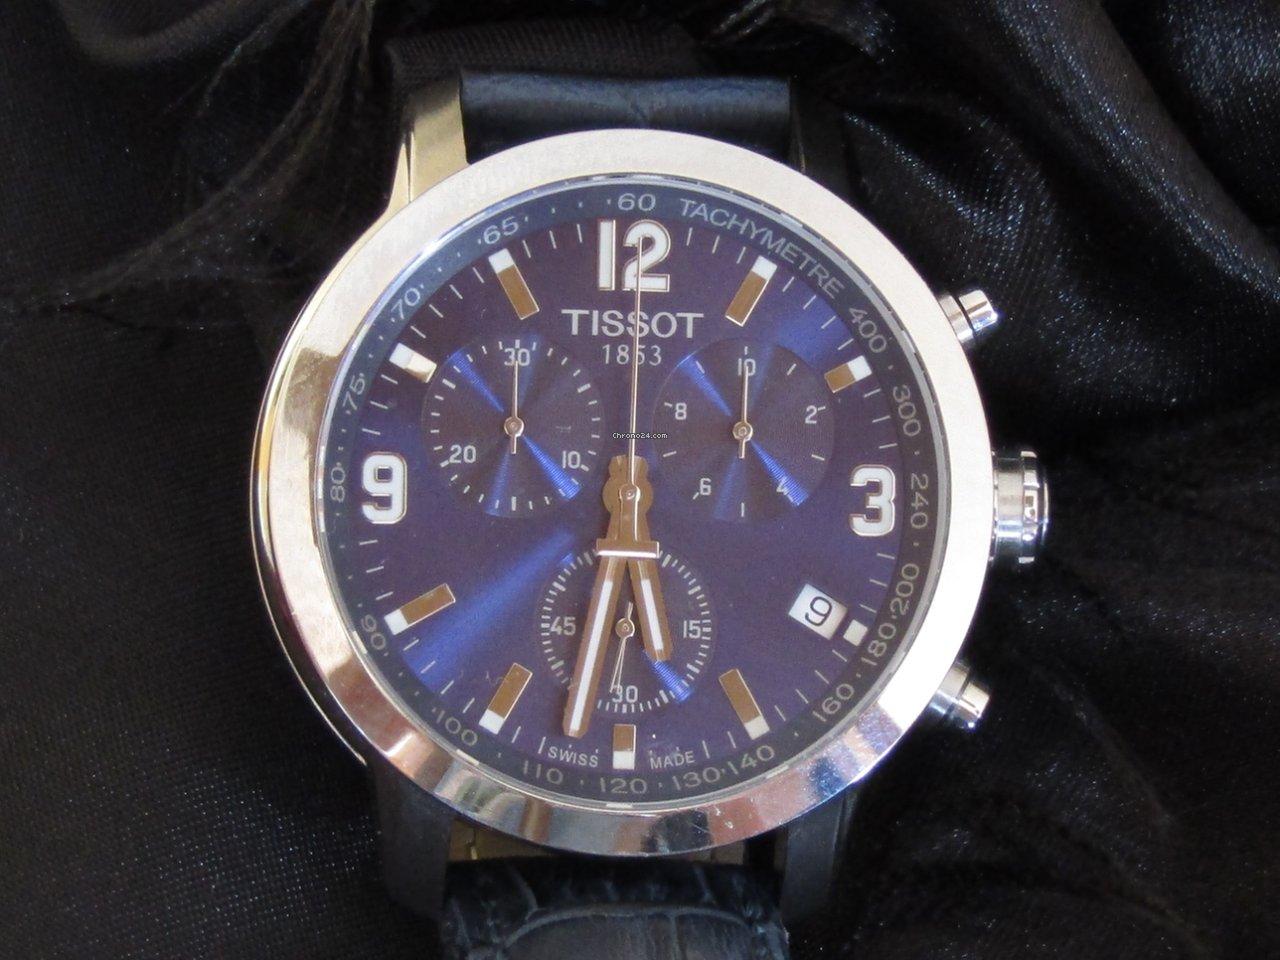 d9b62b7e7926 Tissot PRC 200 - Precios de Tissot PRC 200 en Chrono24